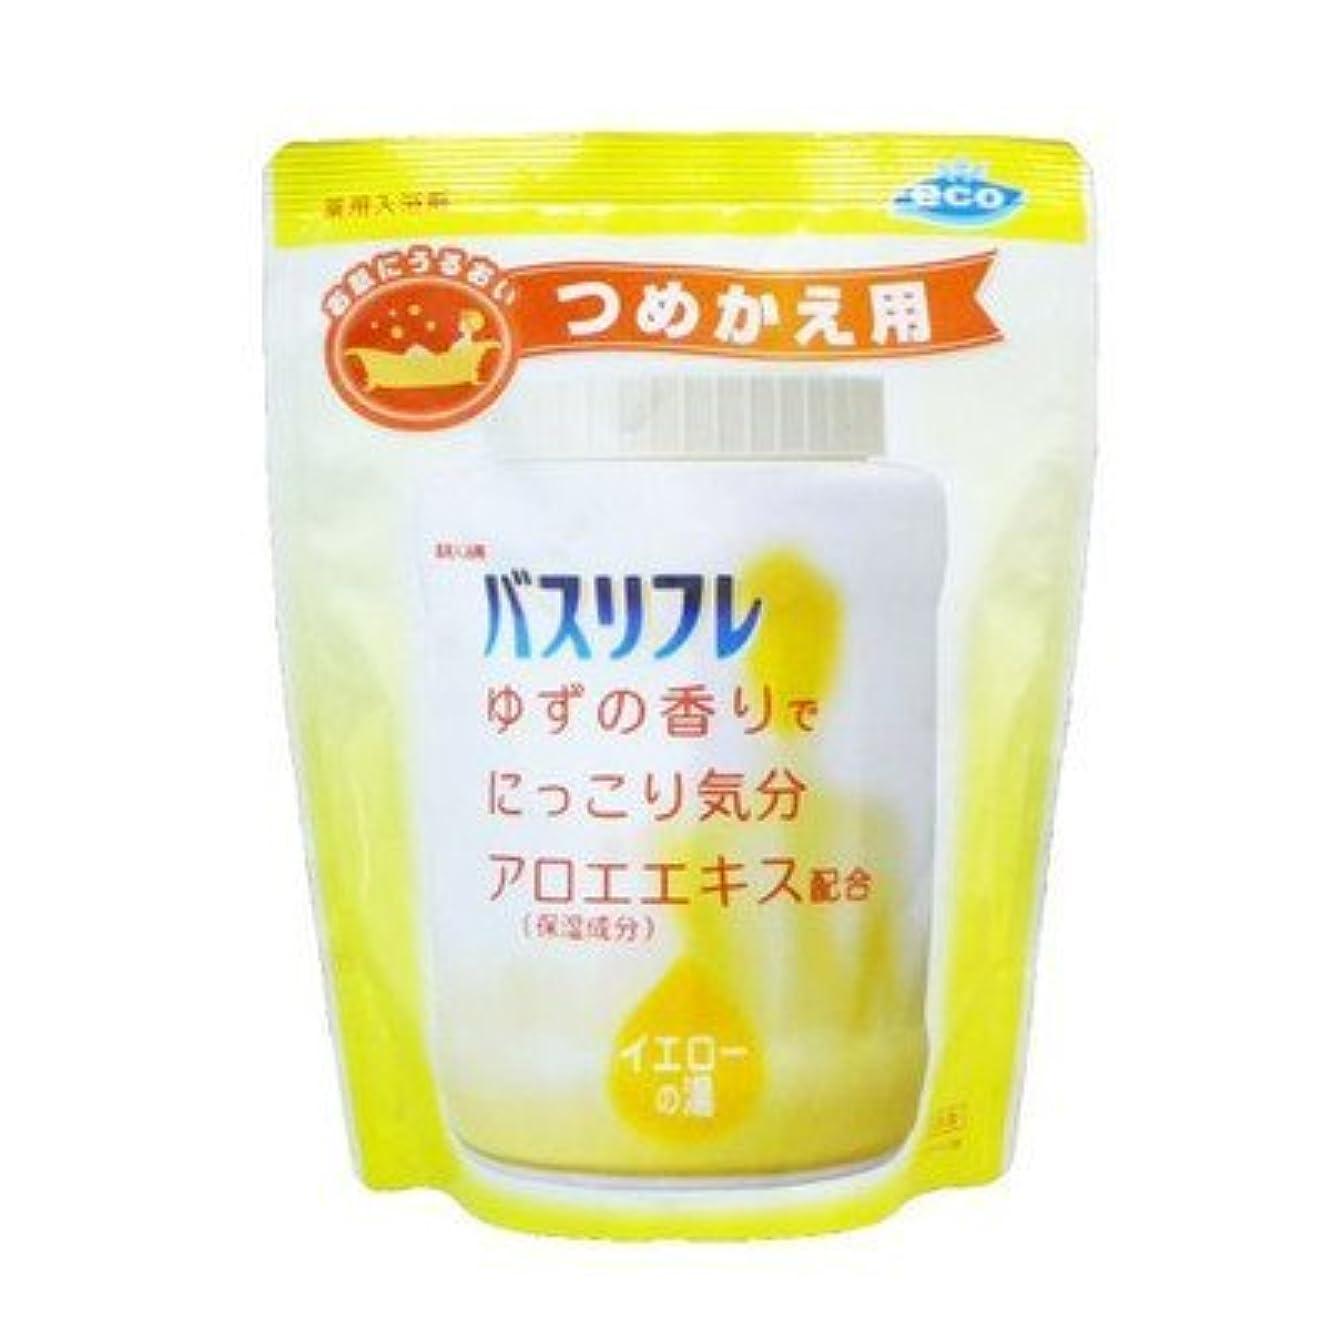 モノグラフ劇作家サイレン薬用入浴剤 バスリフレ イエローの湯 つめかえ用 540g ゆずの香り (ライオンケミカル) Japan